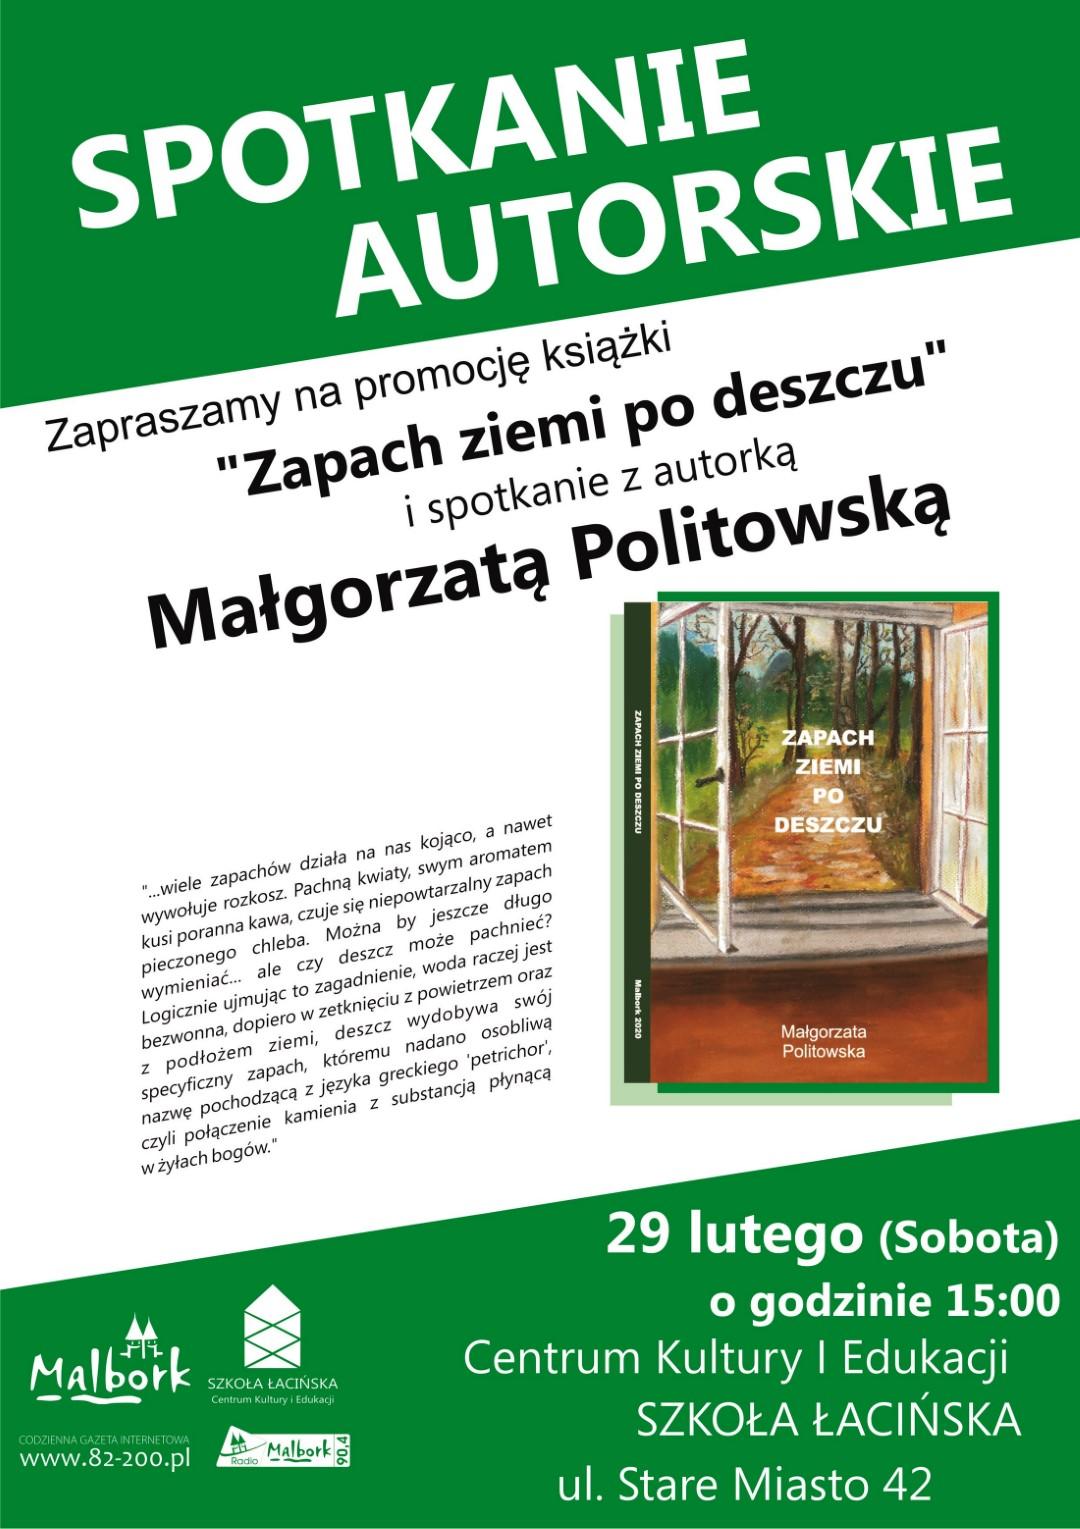 http://m.82-200.pl/2020/02/orig/politowska-plakat-krzywe-5498.jpg